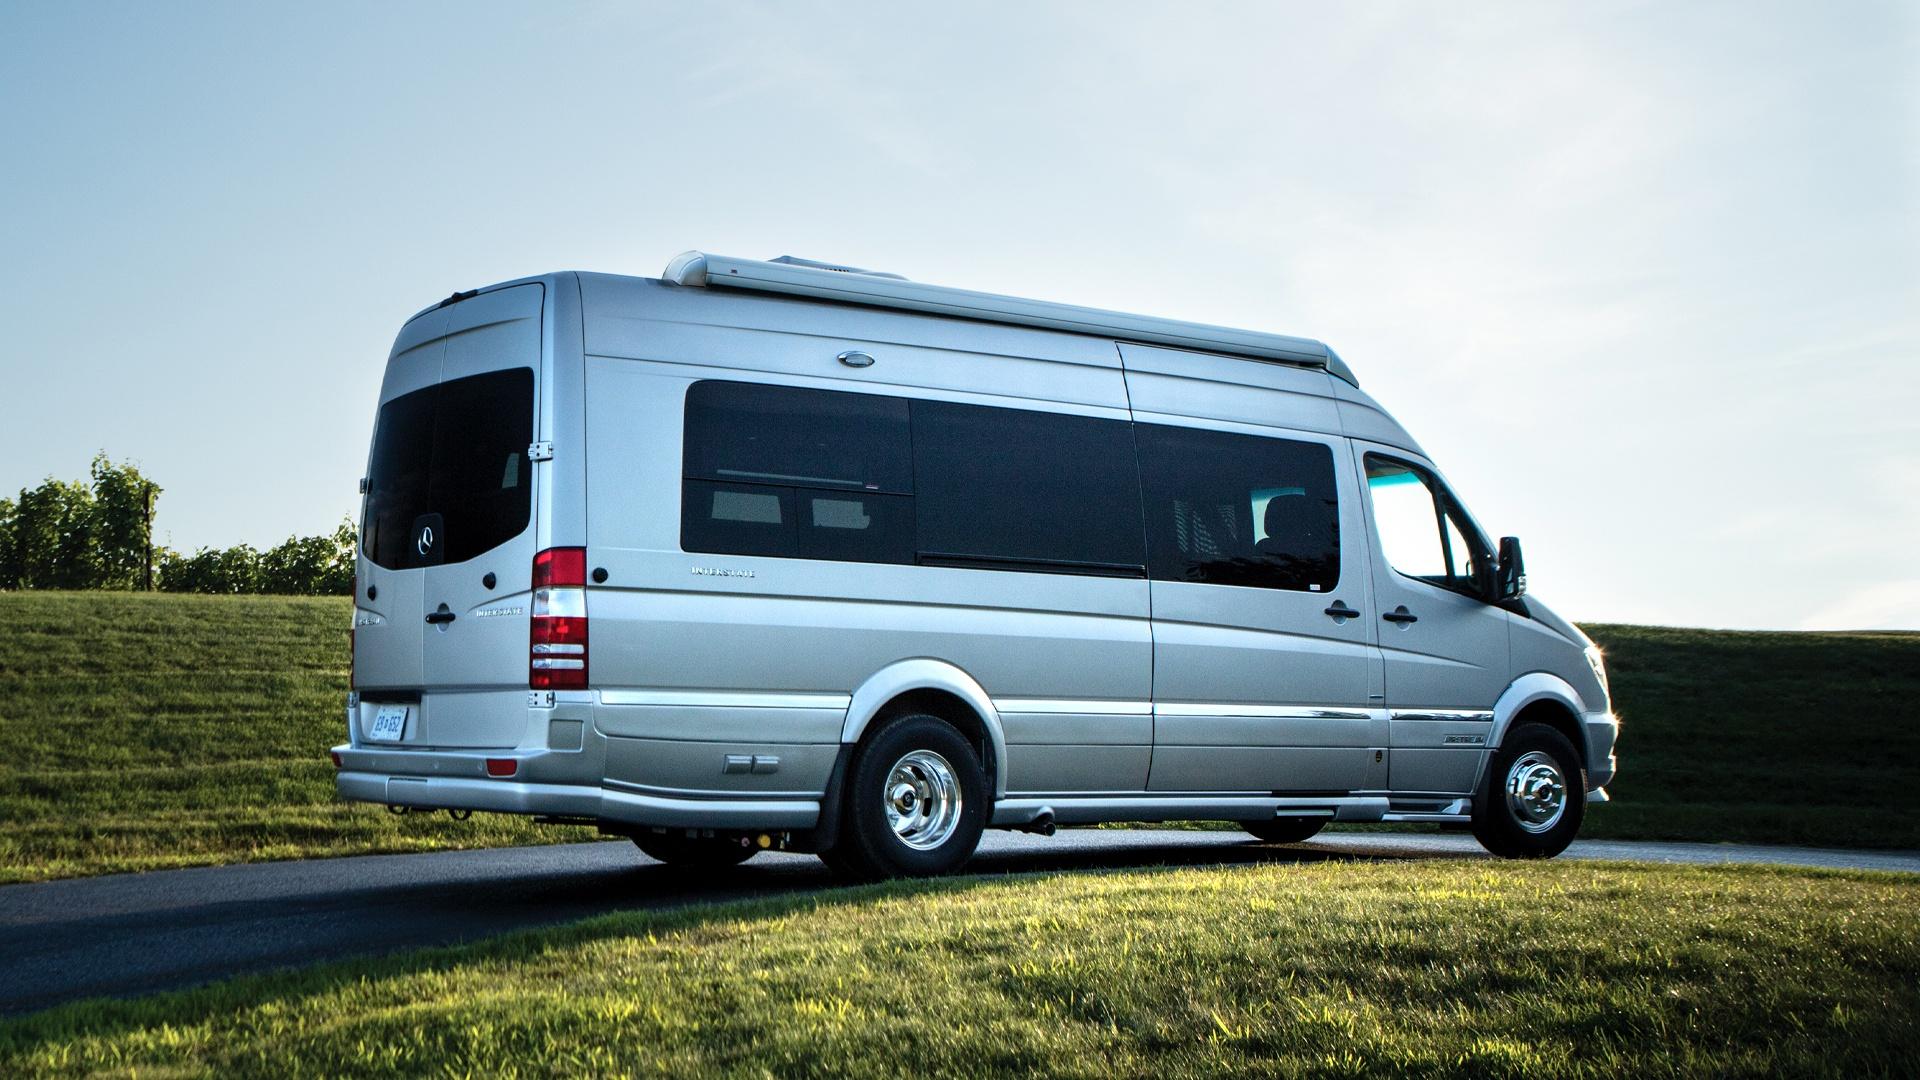 Mercedes Sprinter Rv >> 2019 Airstream Interstate Lounge Ext